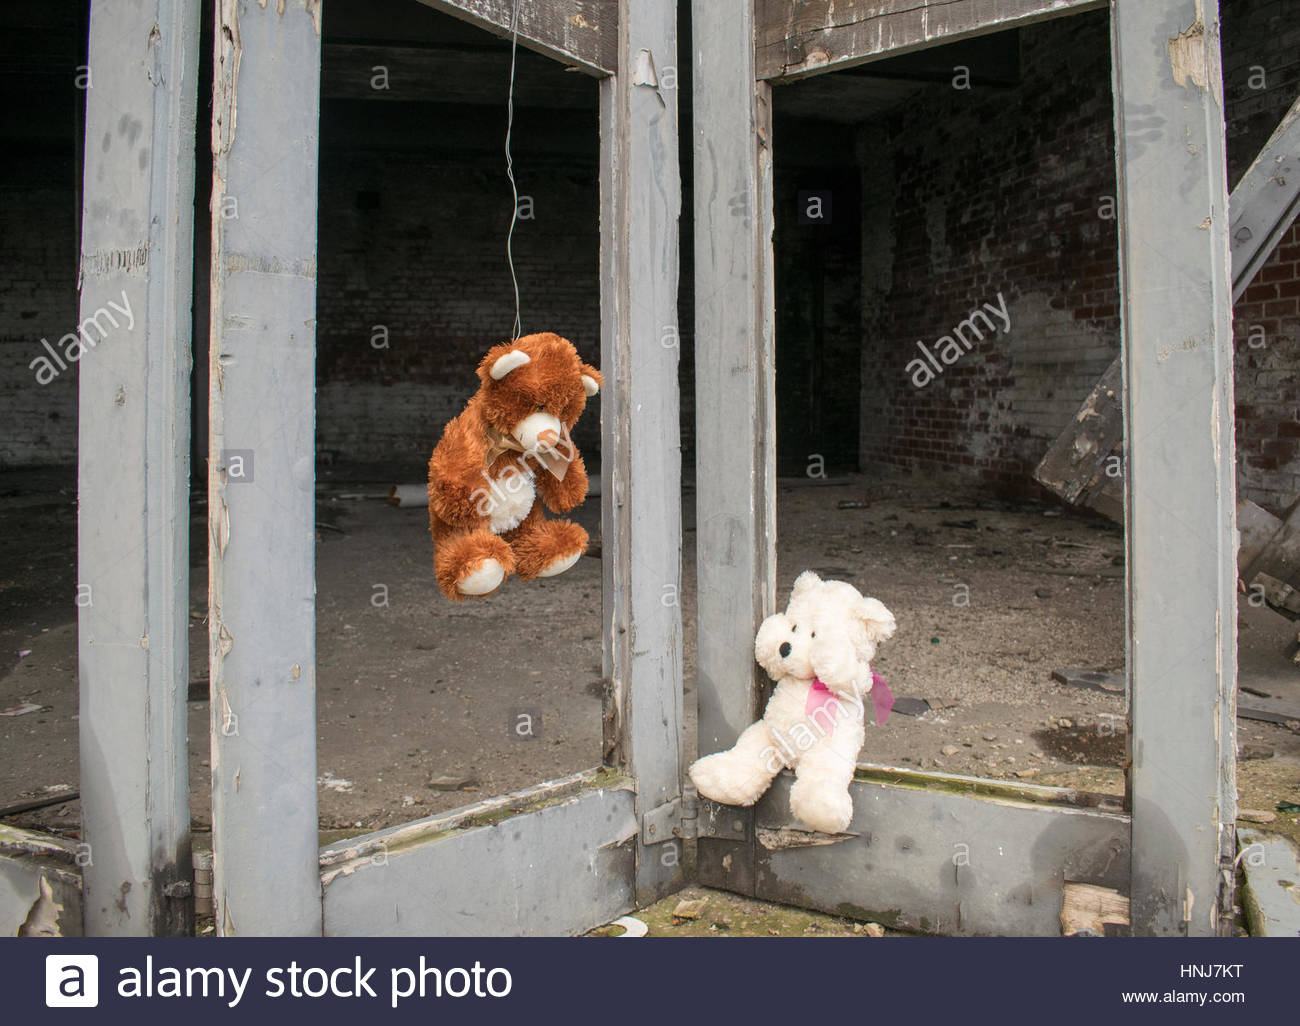 Ours en peluche accroché sur les portes du bâtiment de la gare à l'abandon de la FIE abandonnés Photo Stock